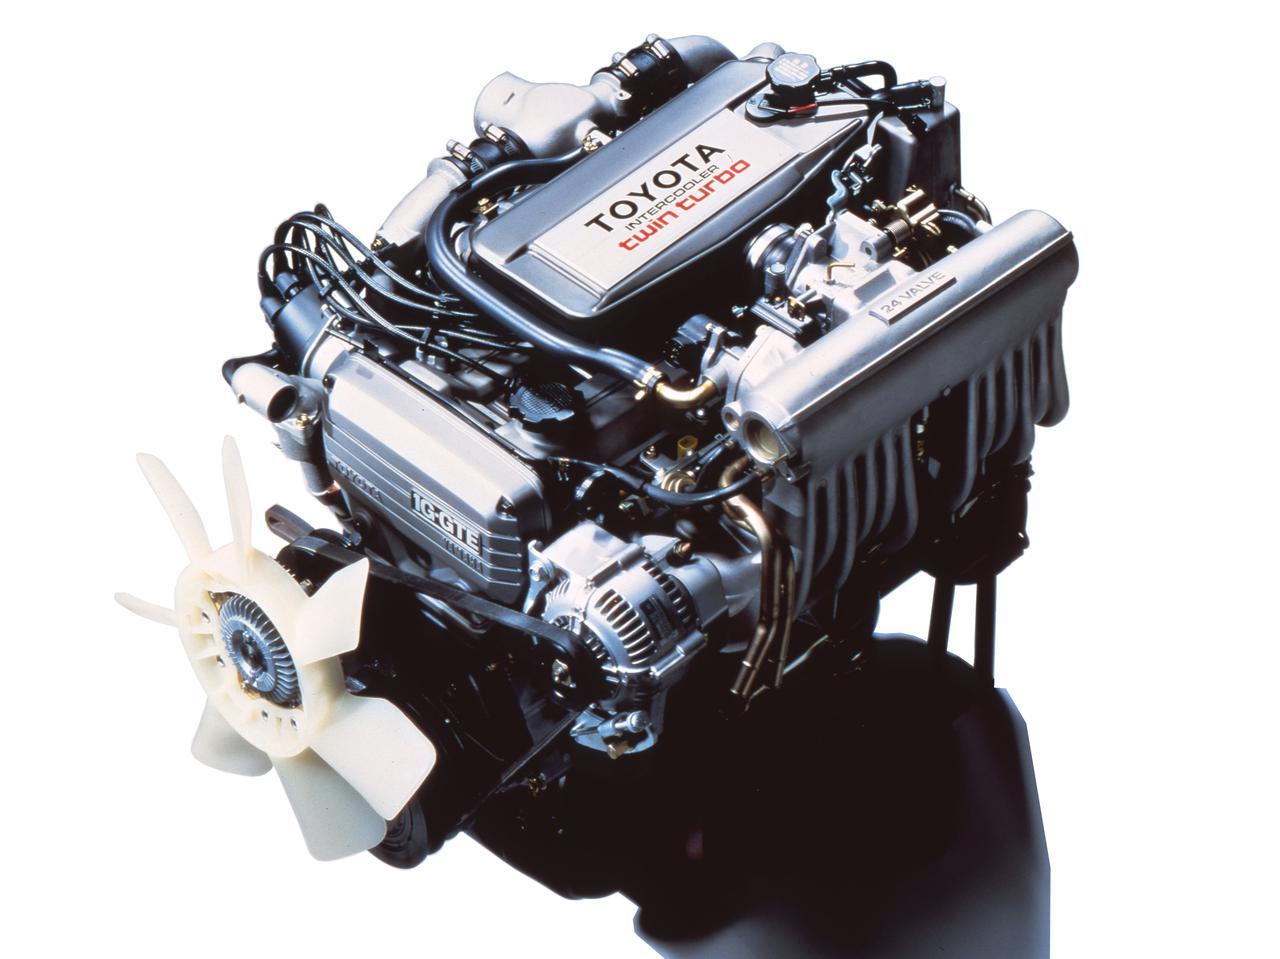 画像: 1G-GTEU型は24バルブDOHCへッドとツインターボの組み合わせ。クルマ好きにはたまらないハイスペックだった。